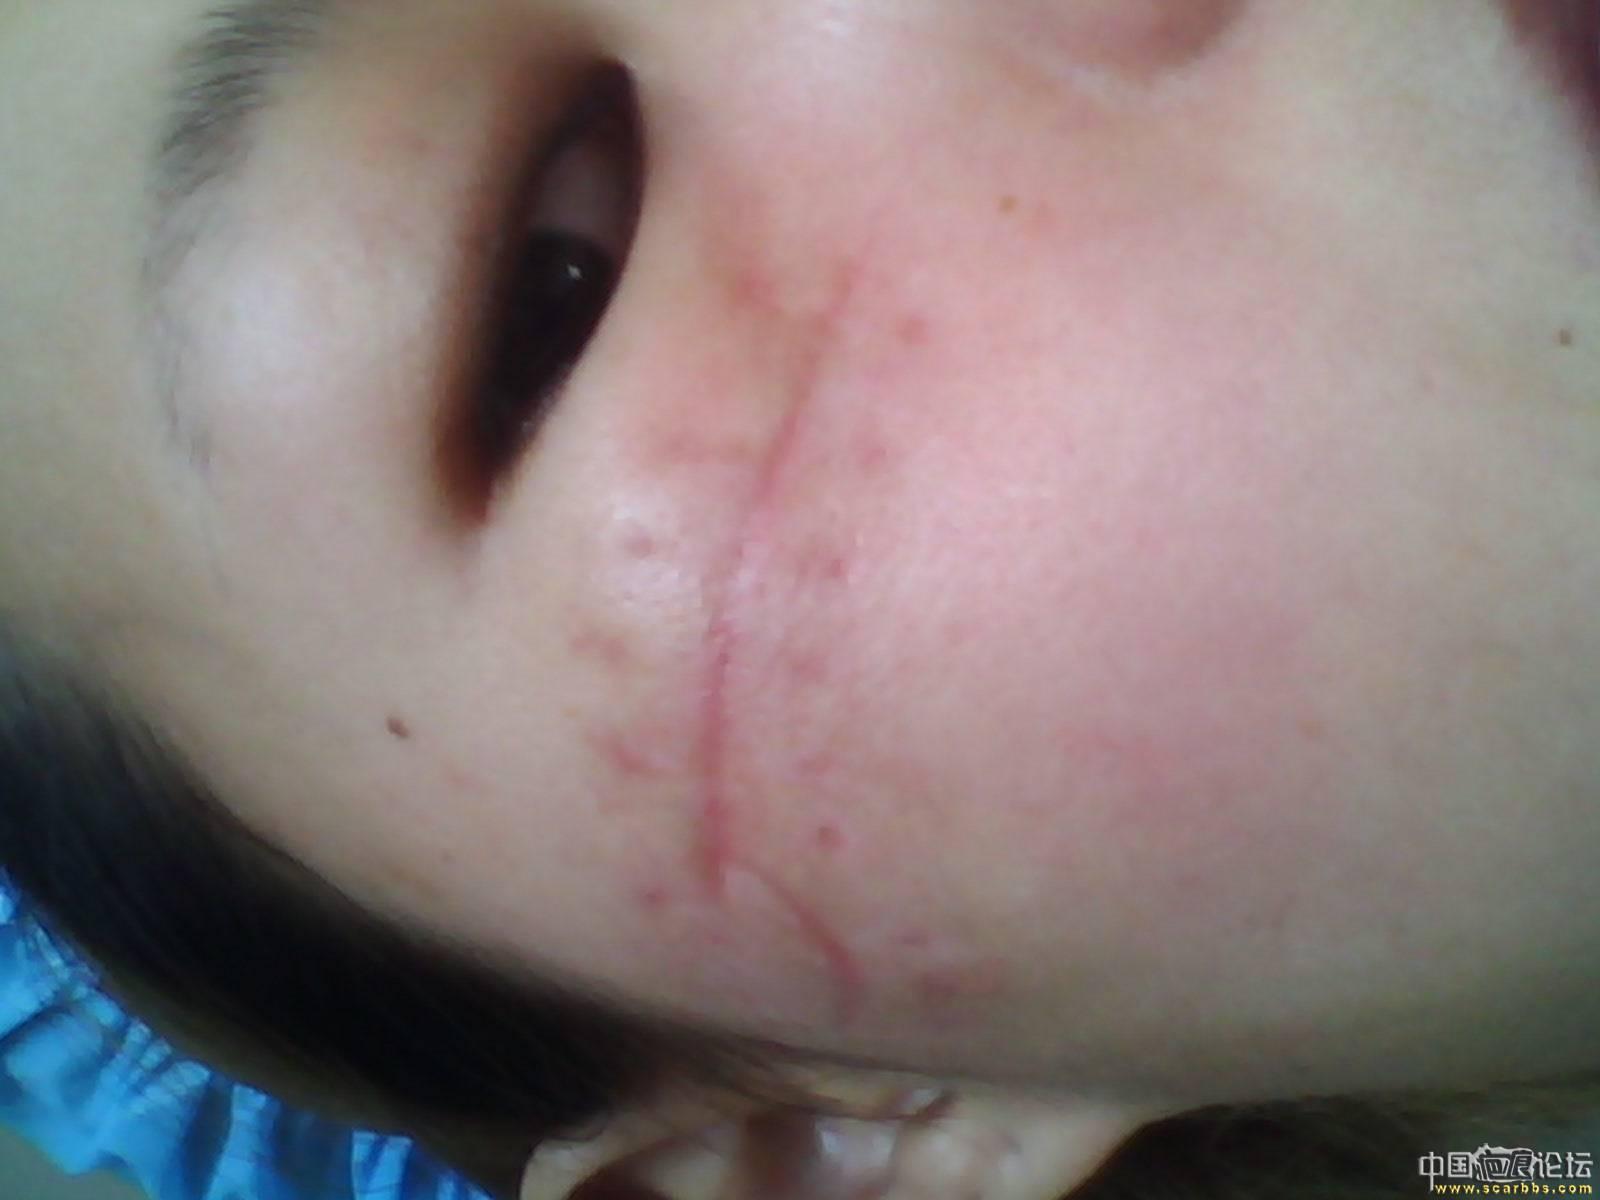 时隔一年·来给大家说下我的恢复情况--凹陷疤痕全部恢复58-疤痕体质图片_疤痕疙瘩图片-中国疤痕论坛